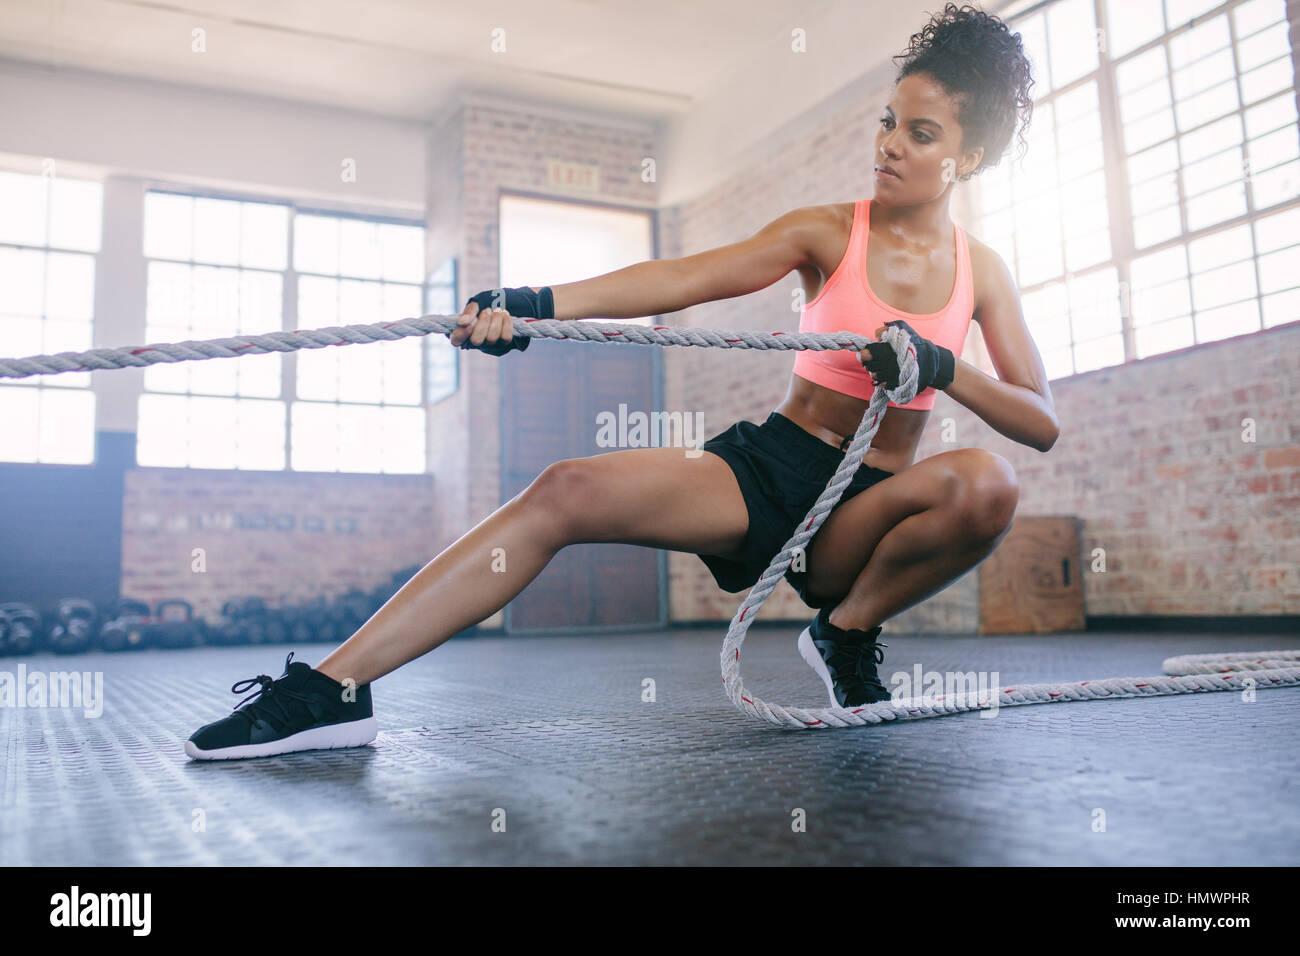 Coup de jeune femme africaine de faire les exercices avec une corde dans une salle de sport. Femme Fitness corde Photo Stock